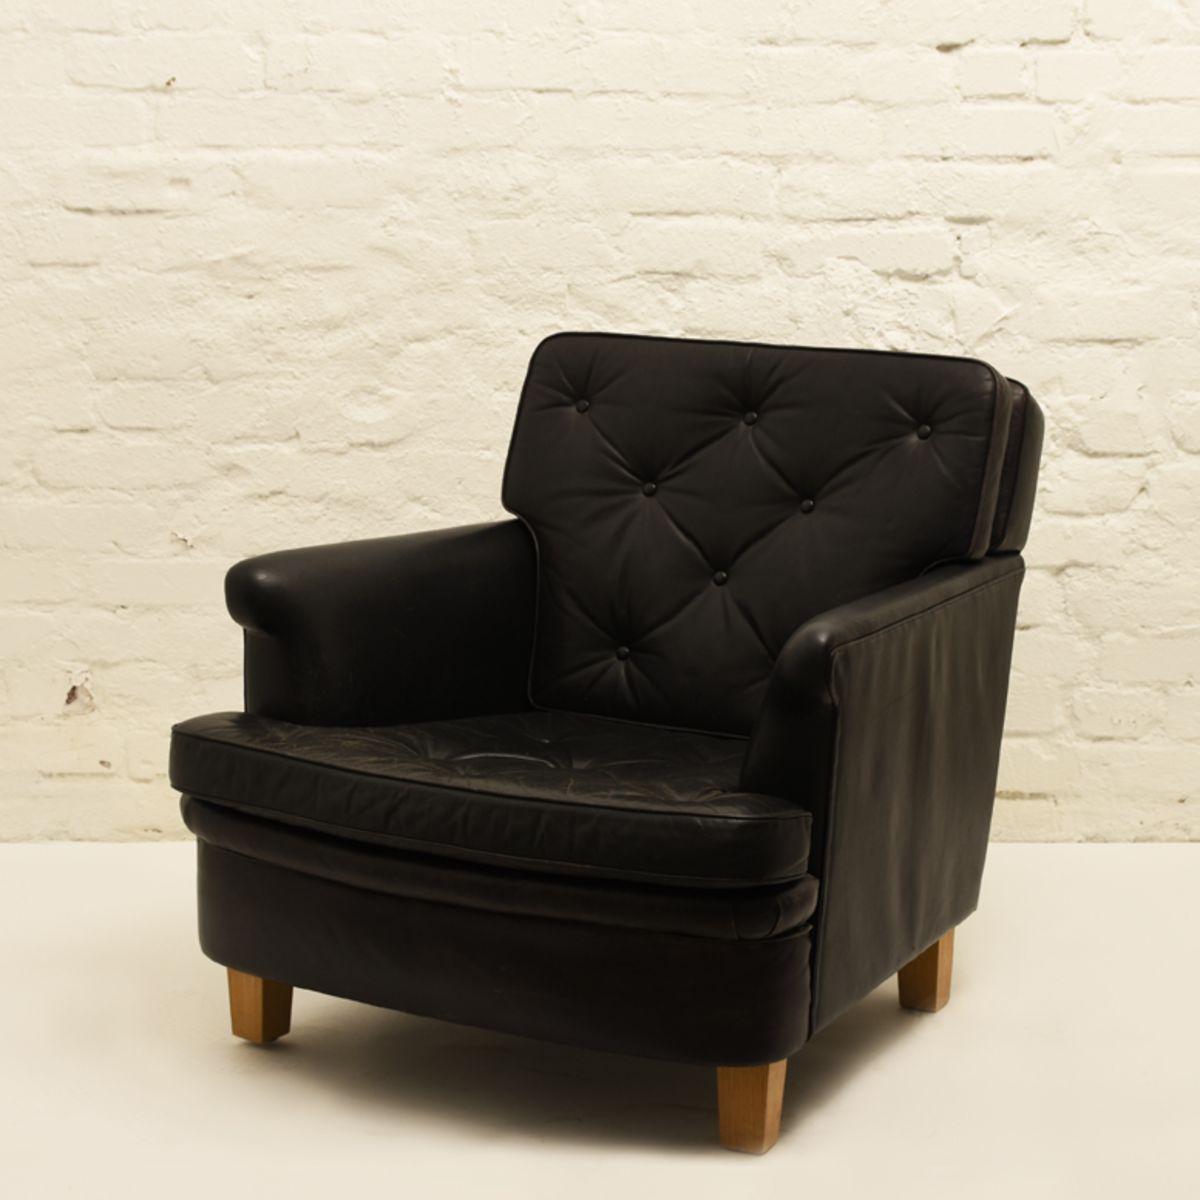 Aino-Aalto_Villa-Mairea-Chair